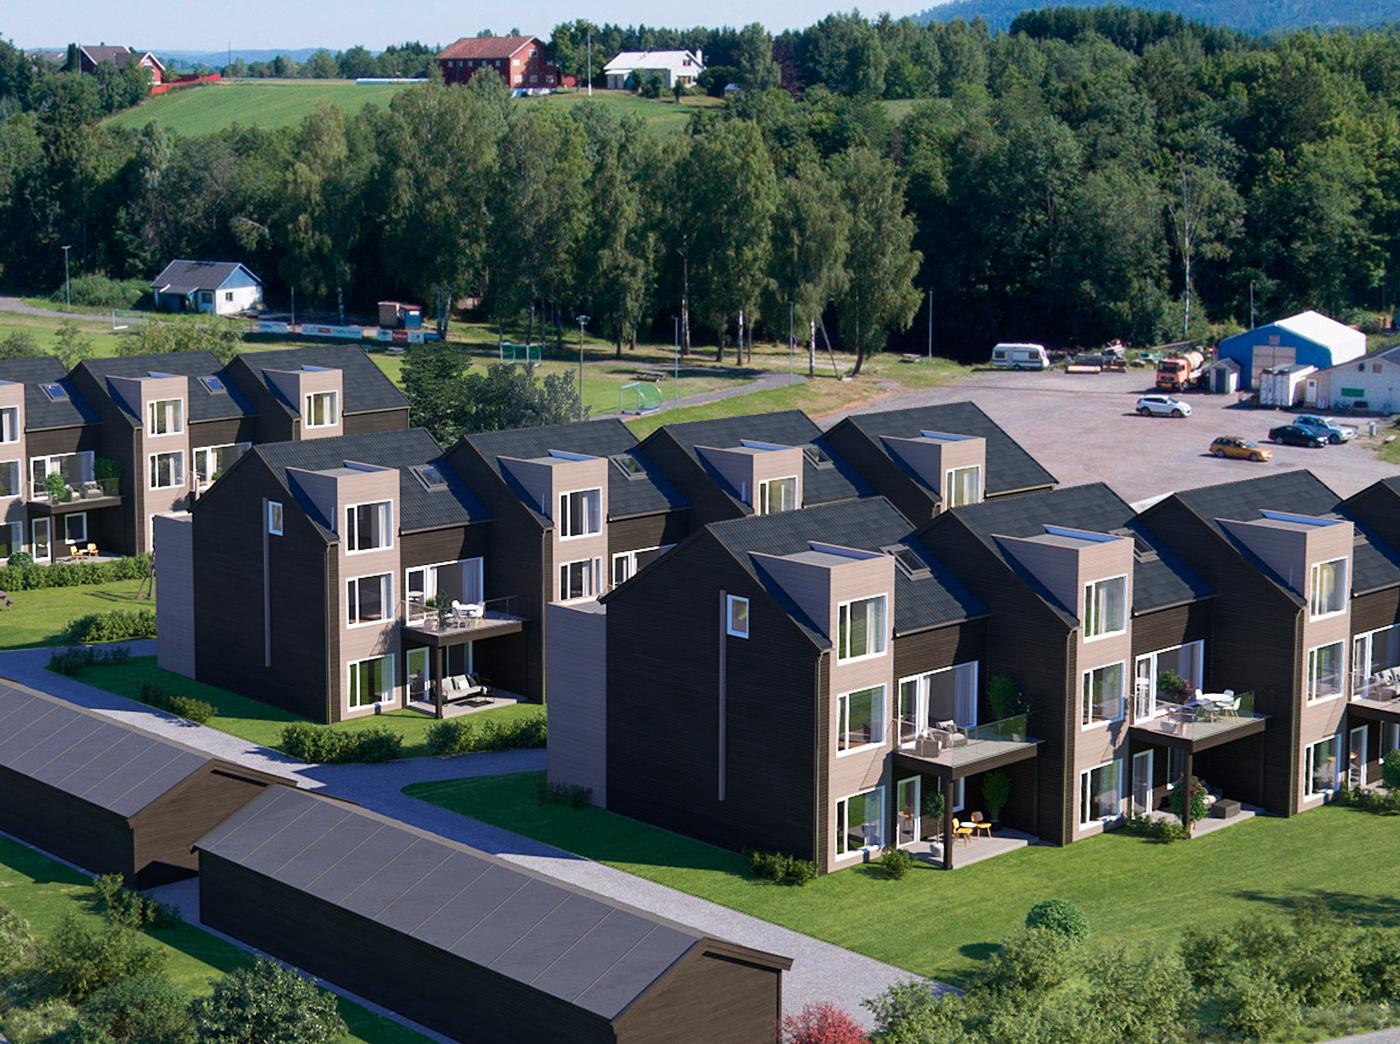 klevjerhagen4.jpg